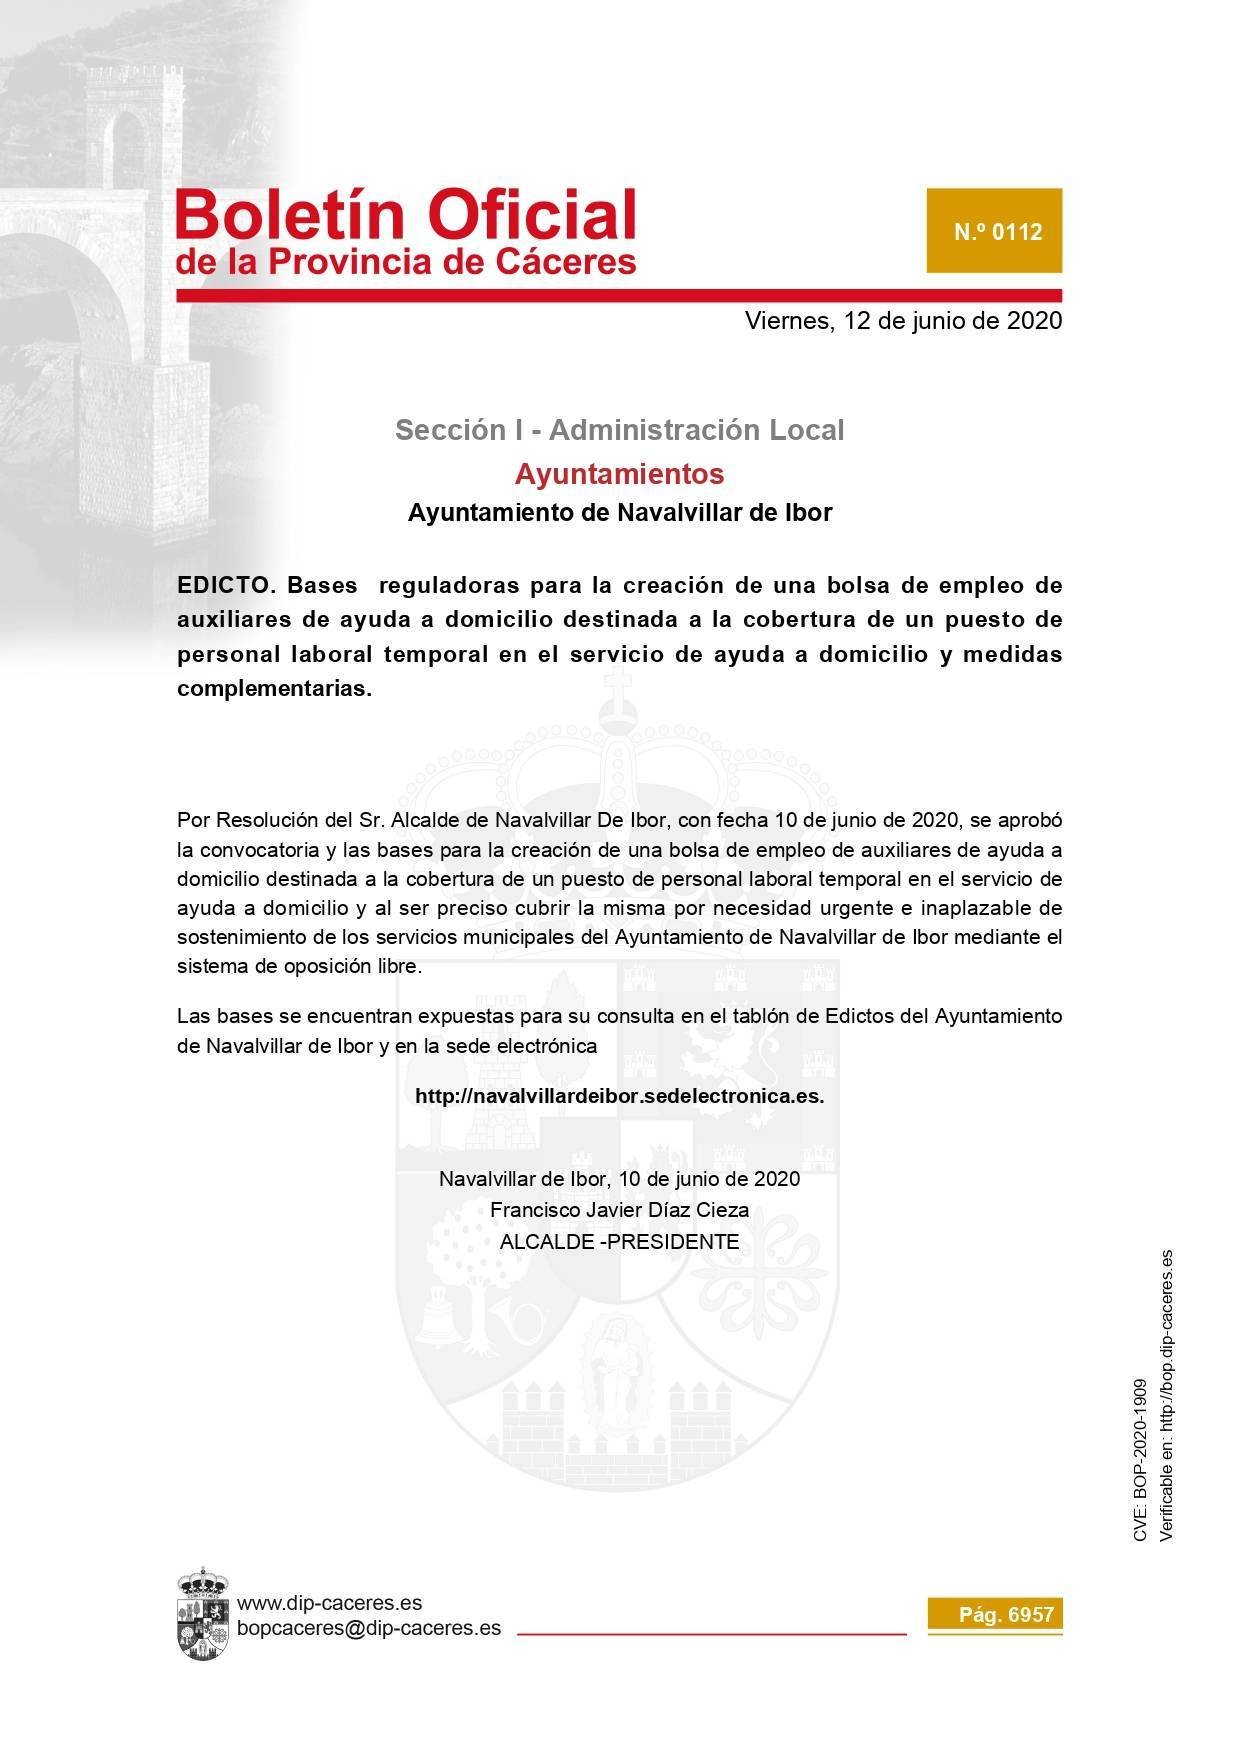 Bolsa de auxiliares de ayuda a domicilio temporal 2020 - Navalvillar de Ibor (Cáceres)